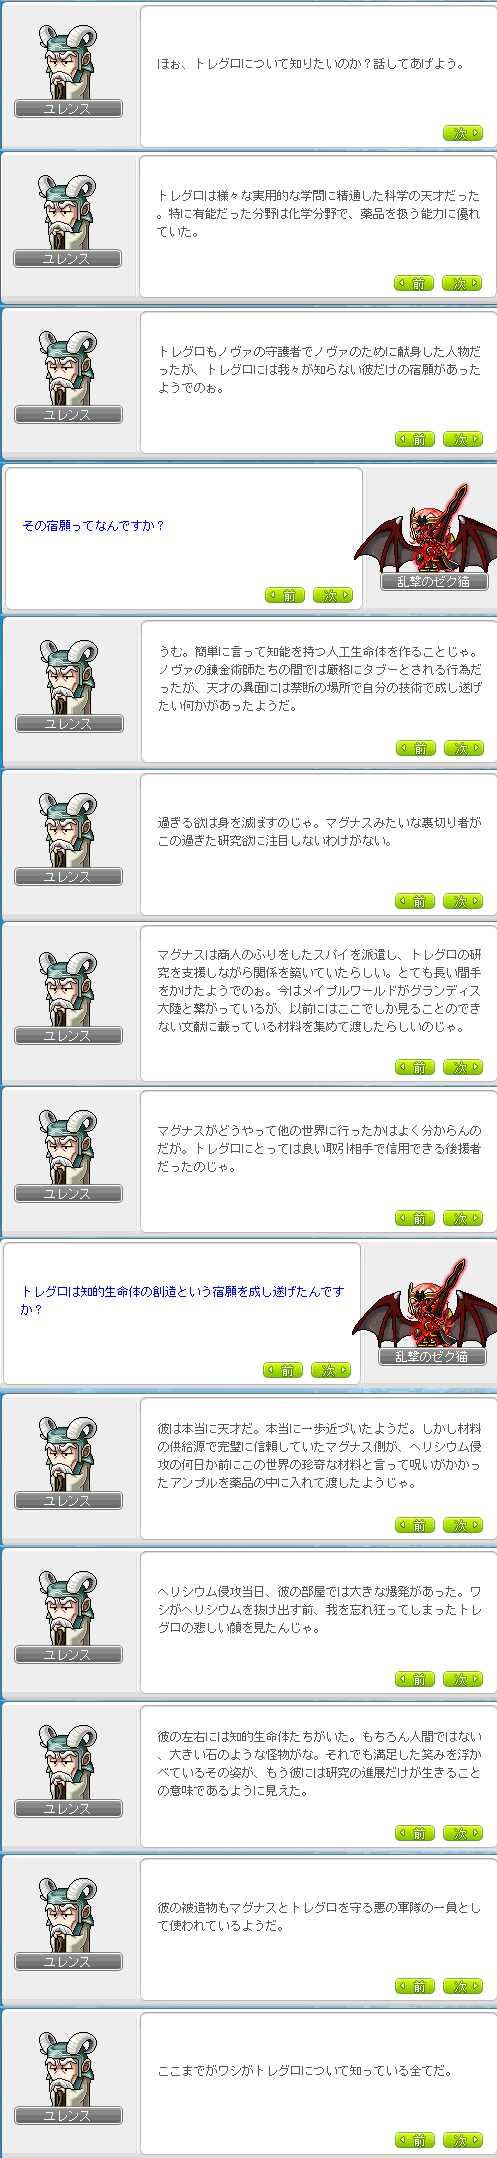 2013_0228_2350_13.jpg